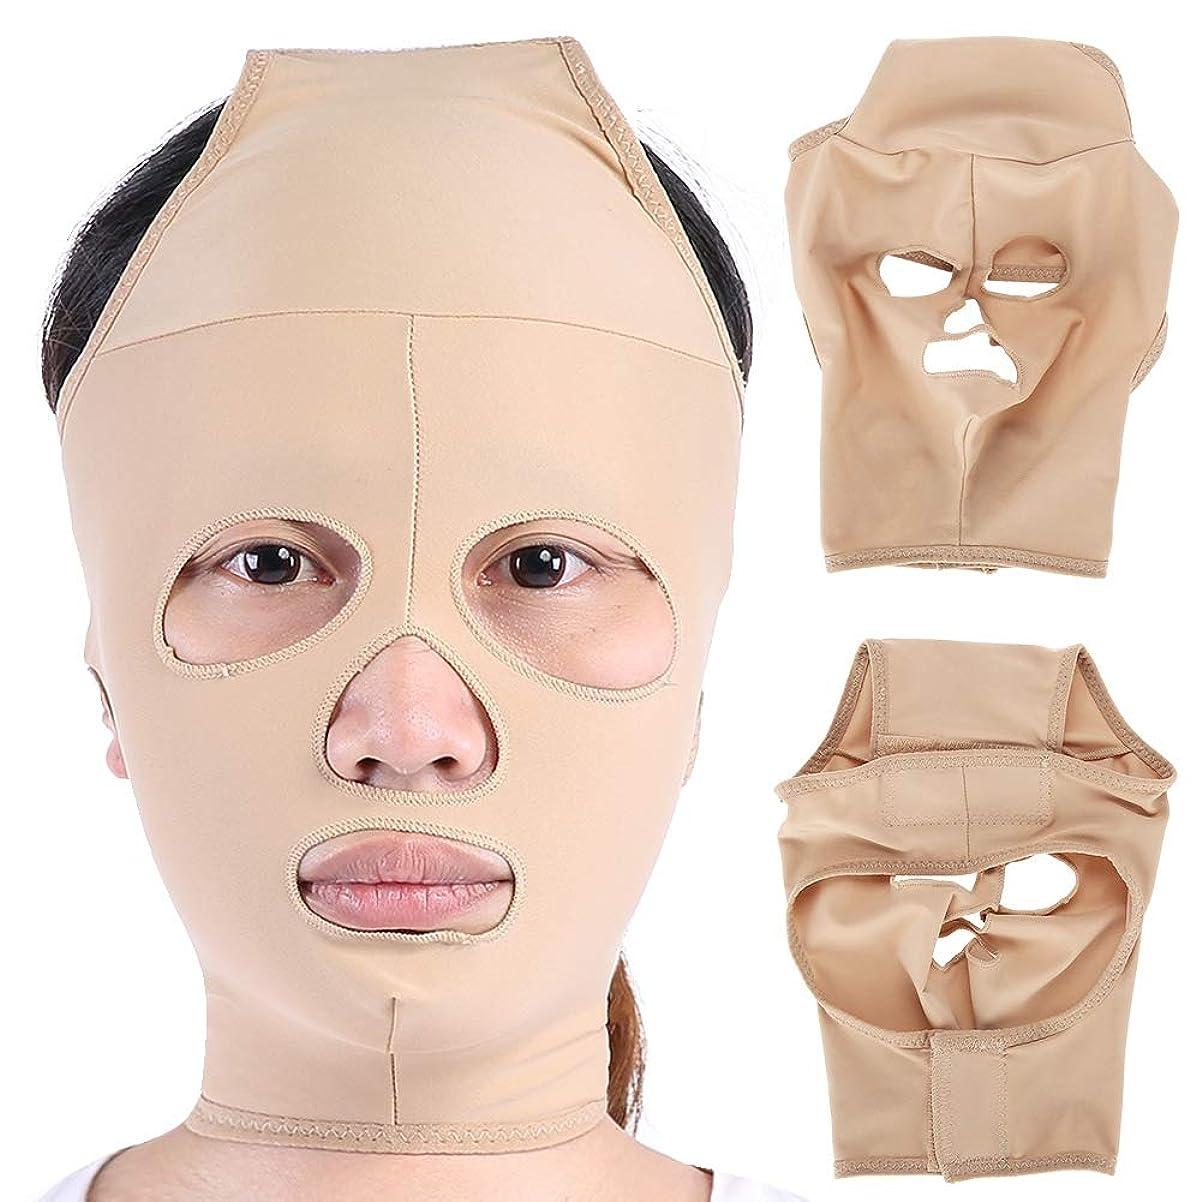 動的液体キャプテン小顔 矯正 美顔 顔痩せ グッズ フェイス マスク ベルト コルセット メンズ サポーター ヌード色(XL)